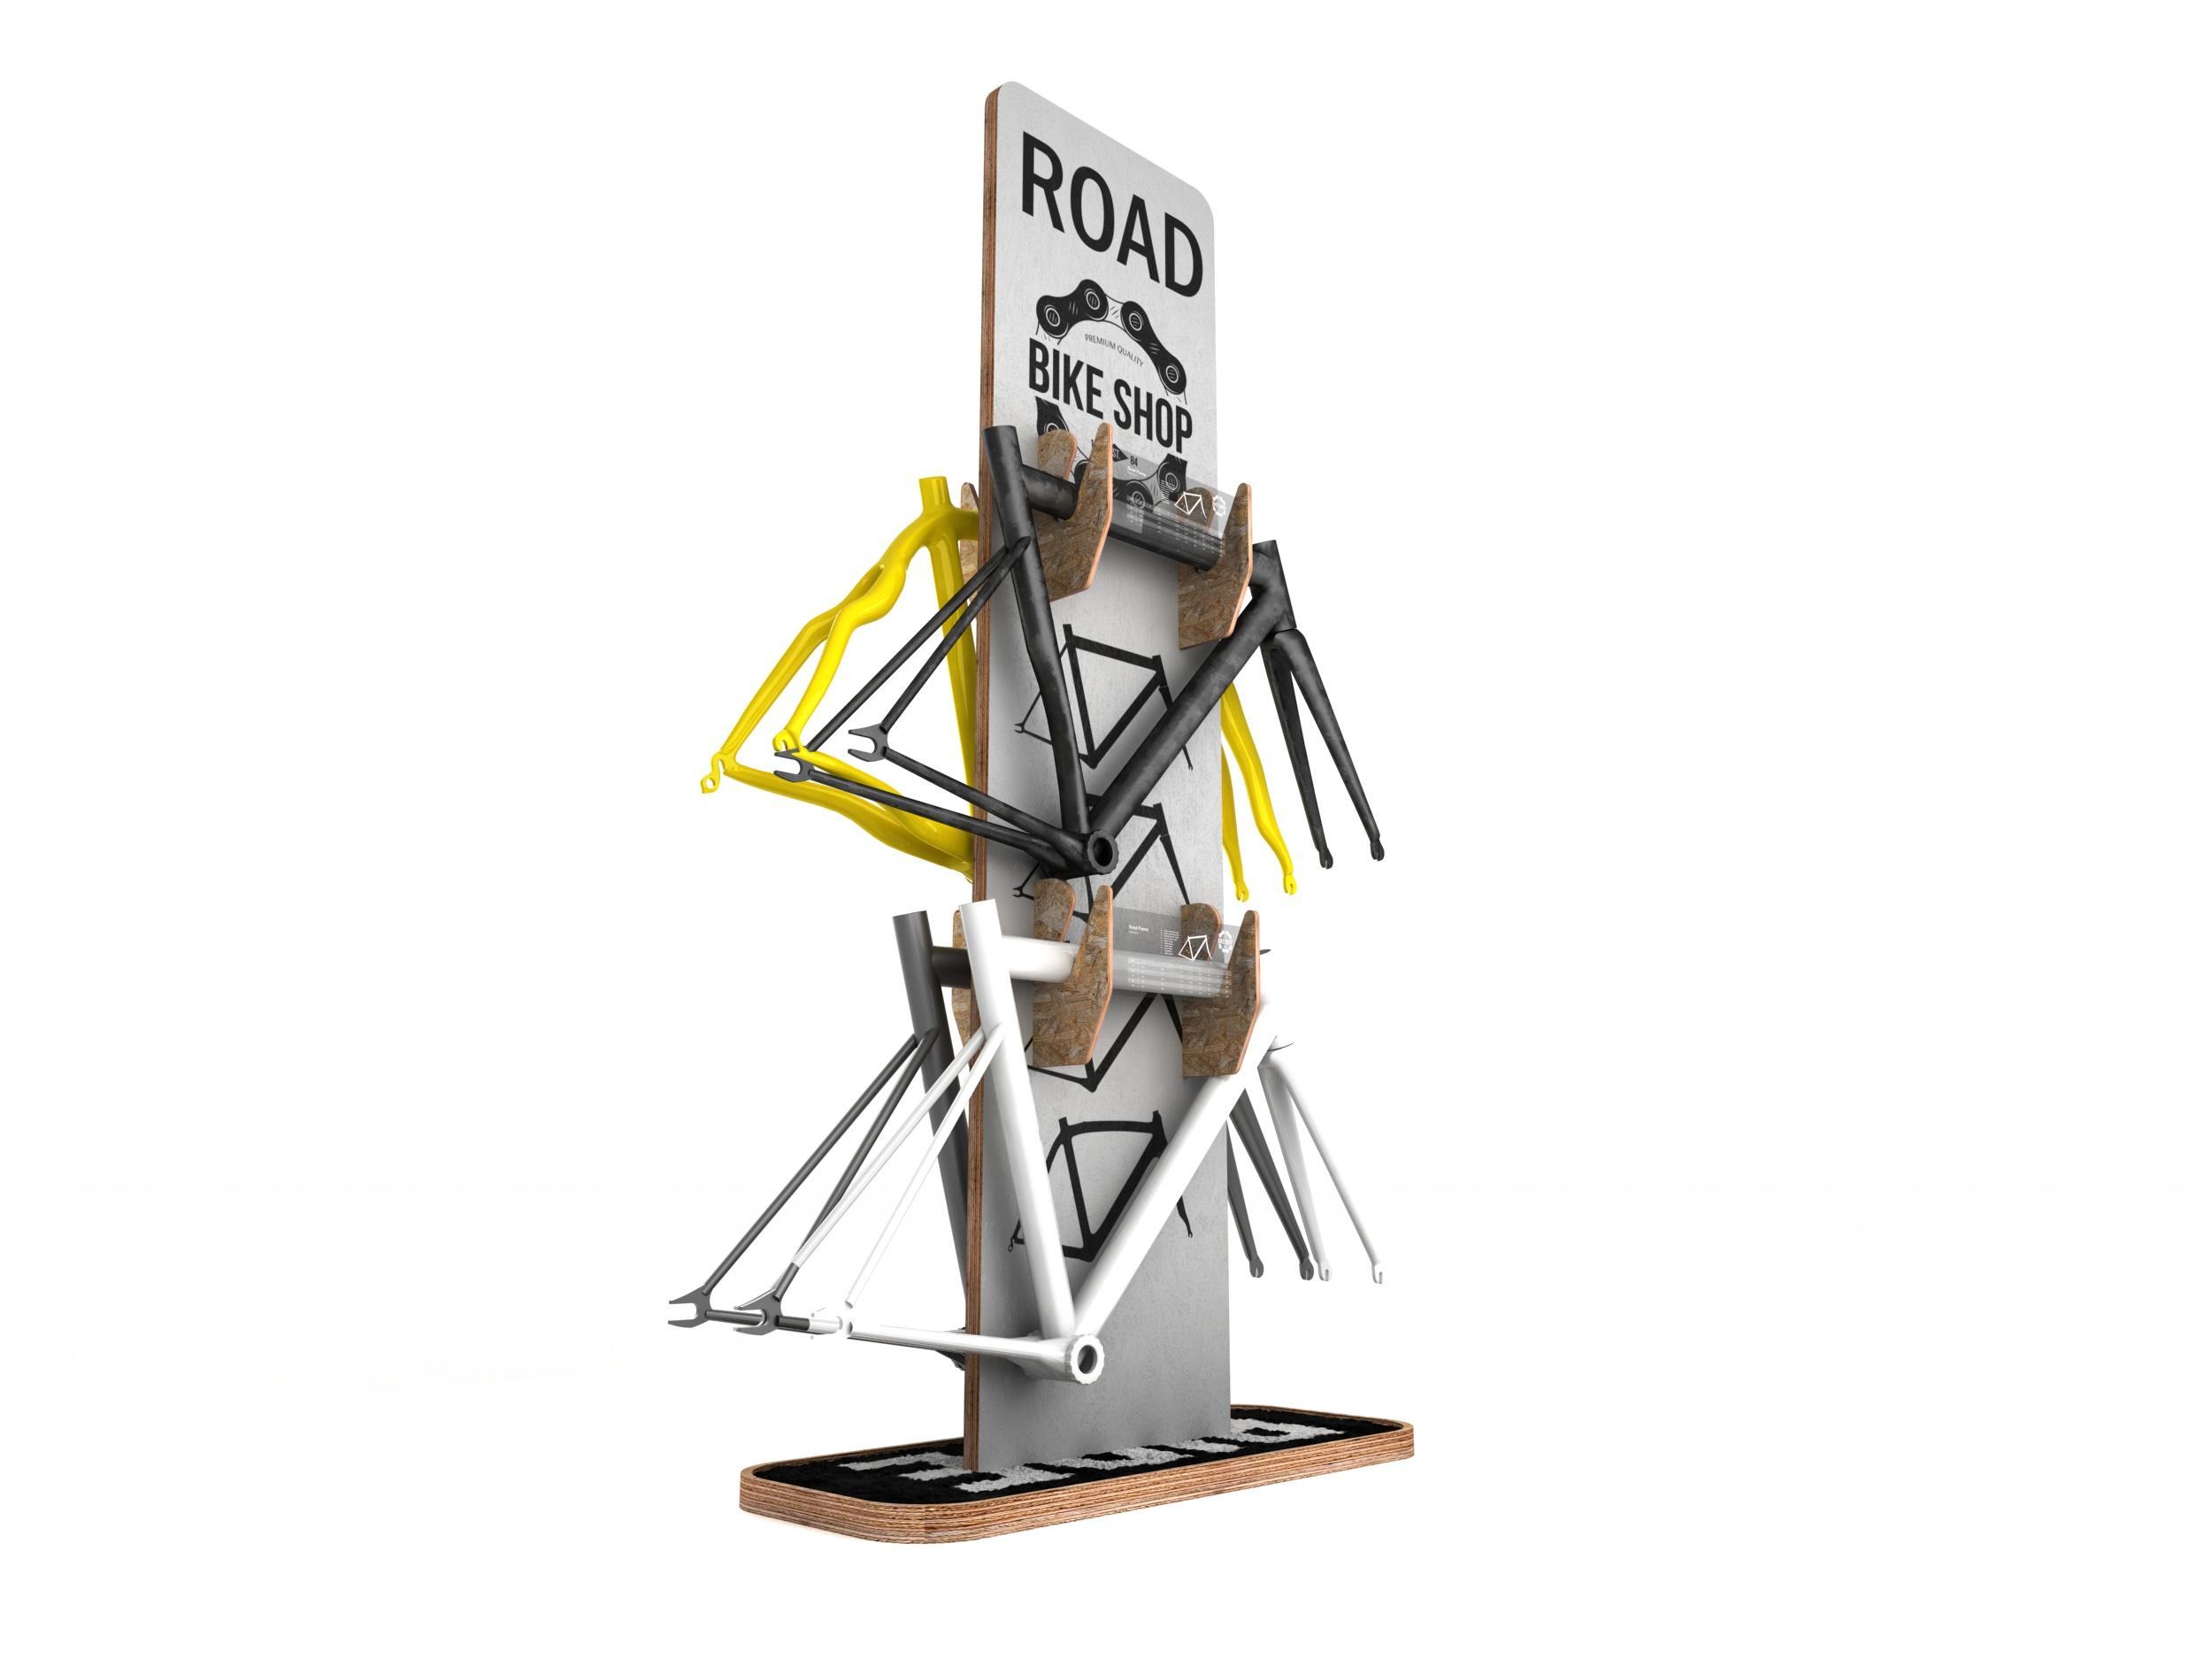 POS_Road Frame Display_006.jpg